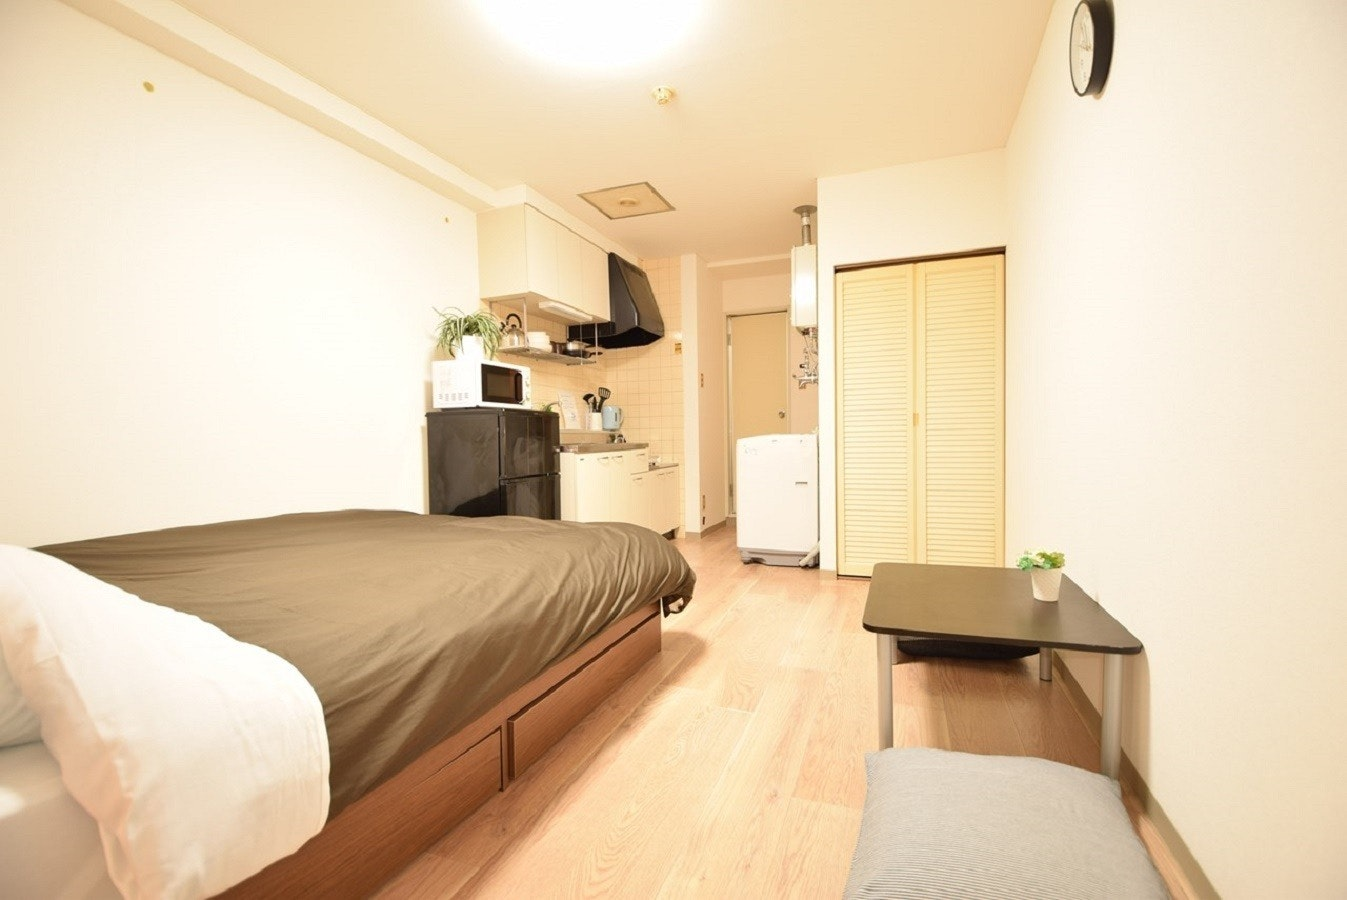 201号室、1DK、ダブルベッド1台、布団1枚。地下鉄東西線菊水駅徒歩1分、JR札幌駅タクシー8分